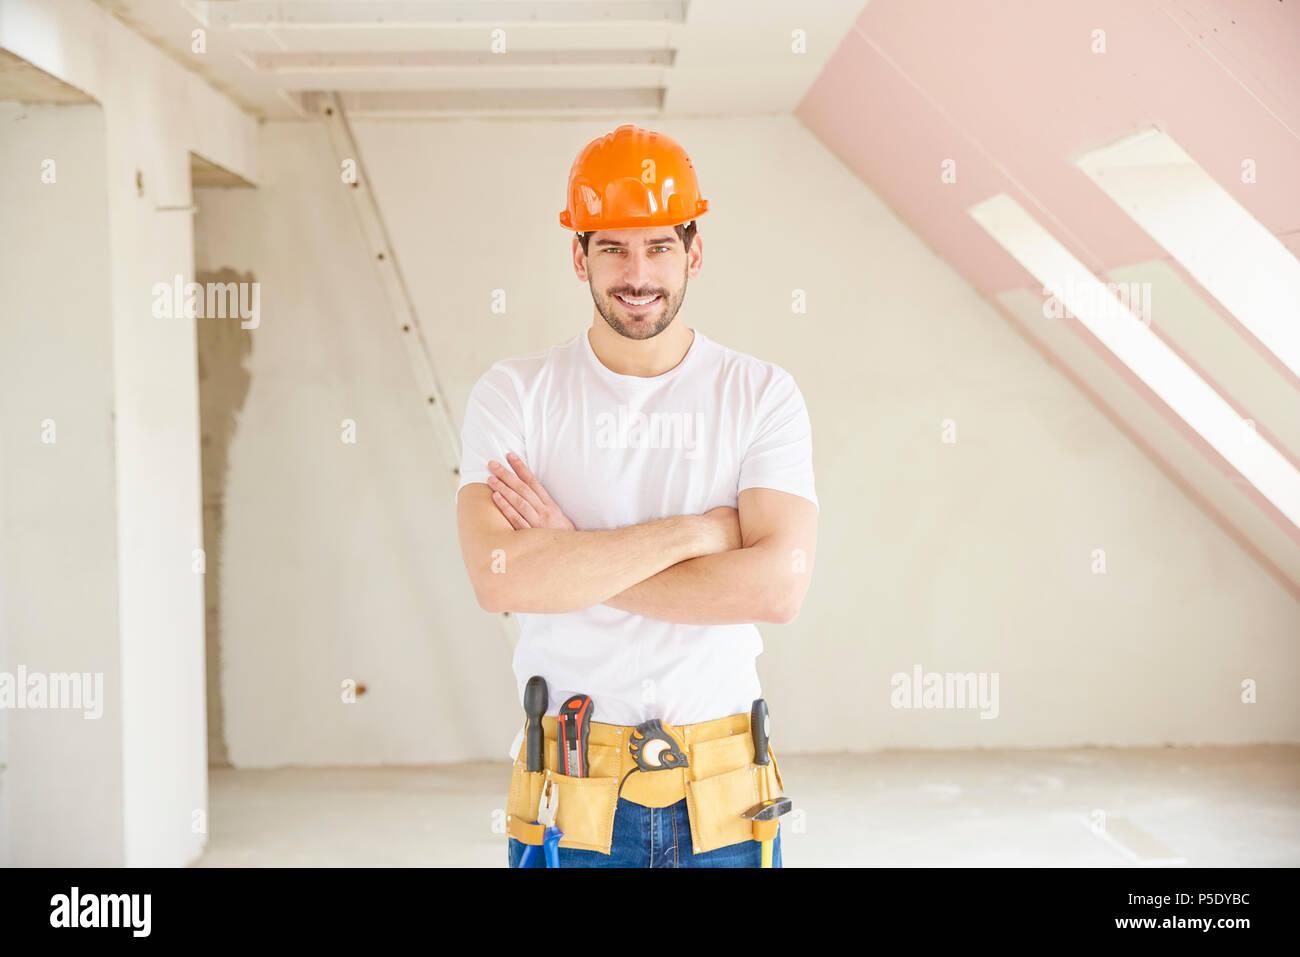 Apuesto joven manitas llevar sombrero duro y cinturón de herramientas  mientras está parado en el sitio 6095a4c86f6c